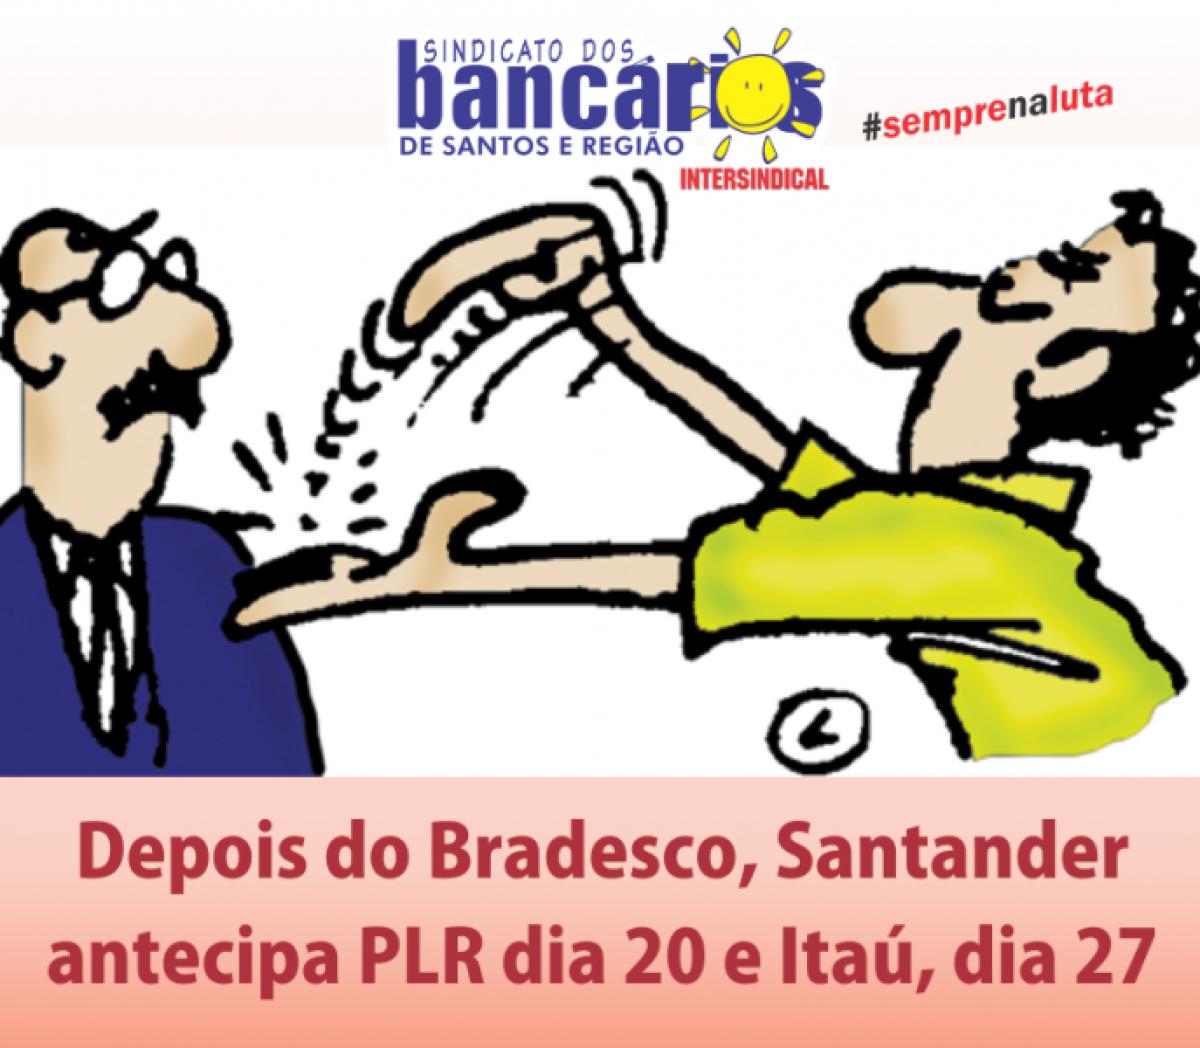 Depois do Bradesco, Santander antecipa a PLR dia 20 e Itaú, dia 27